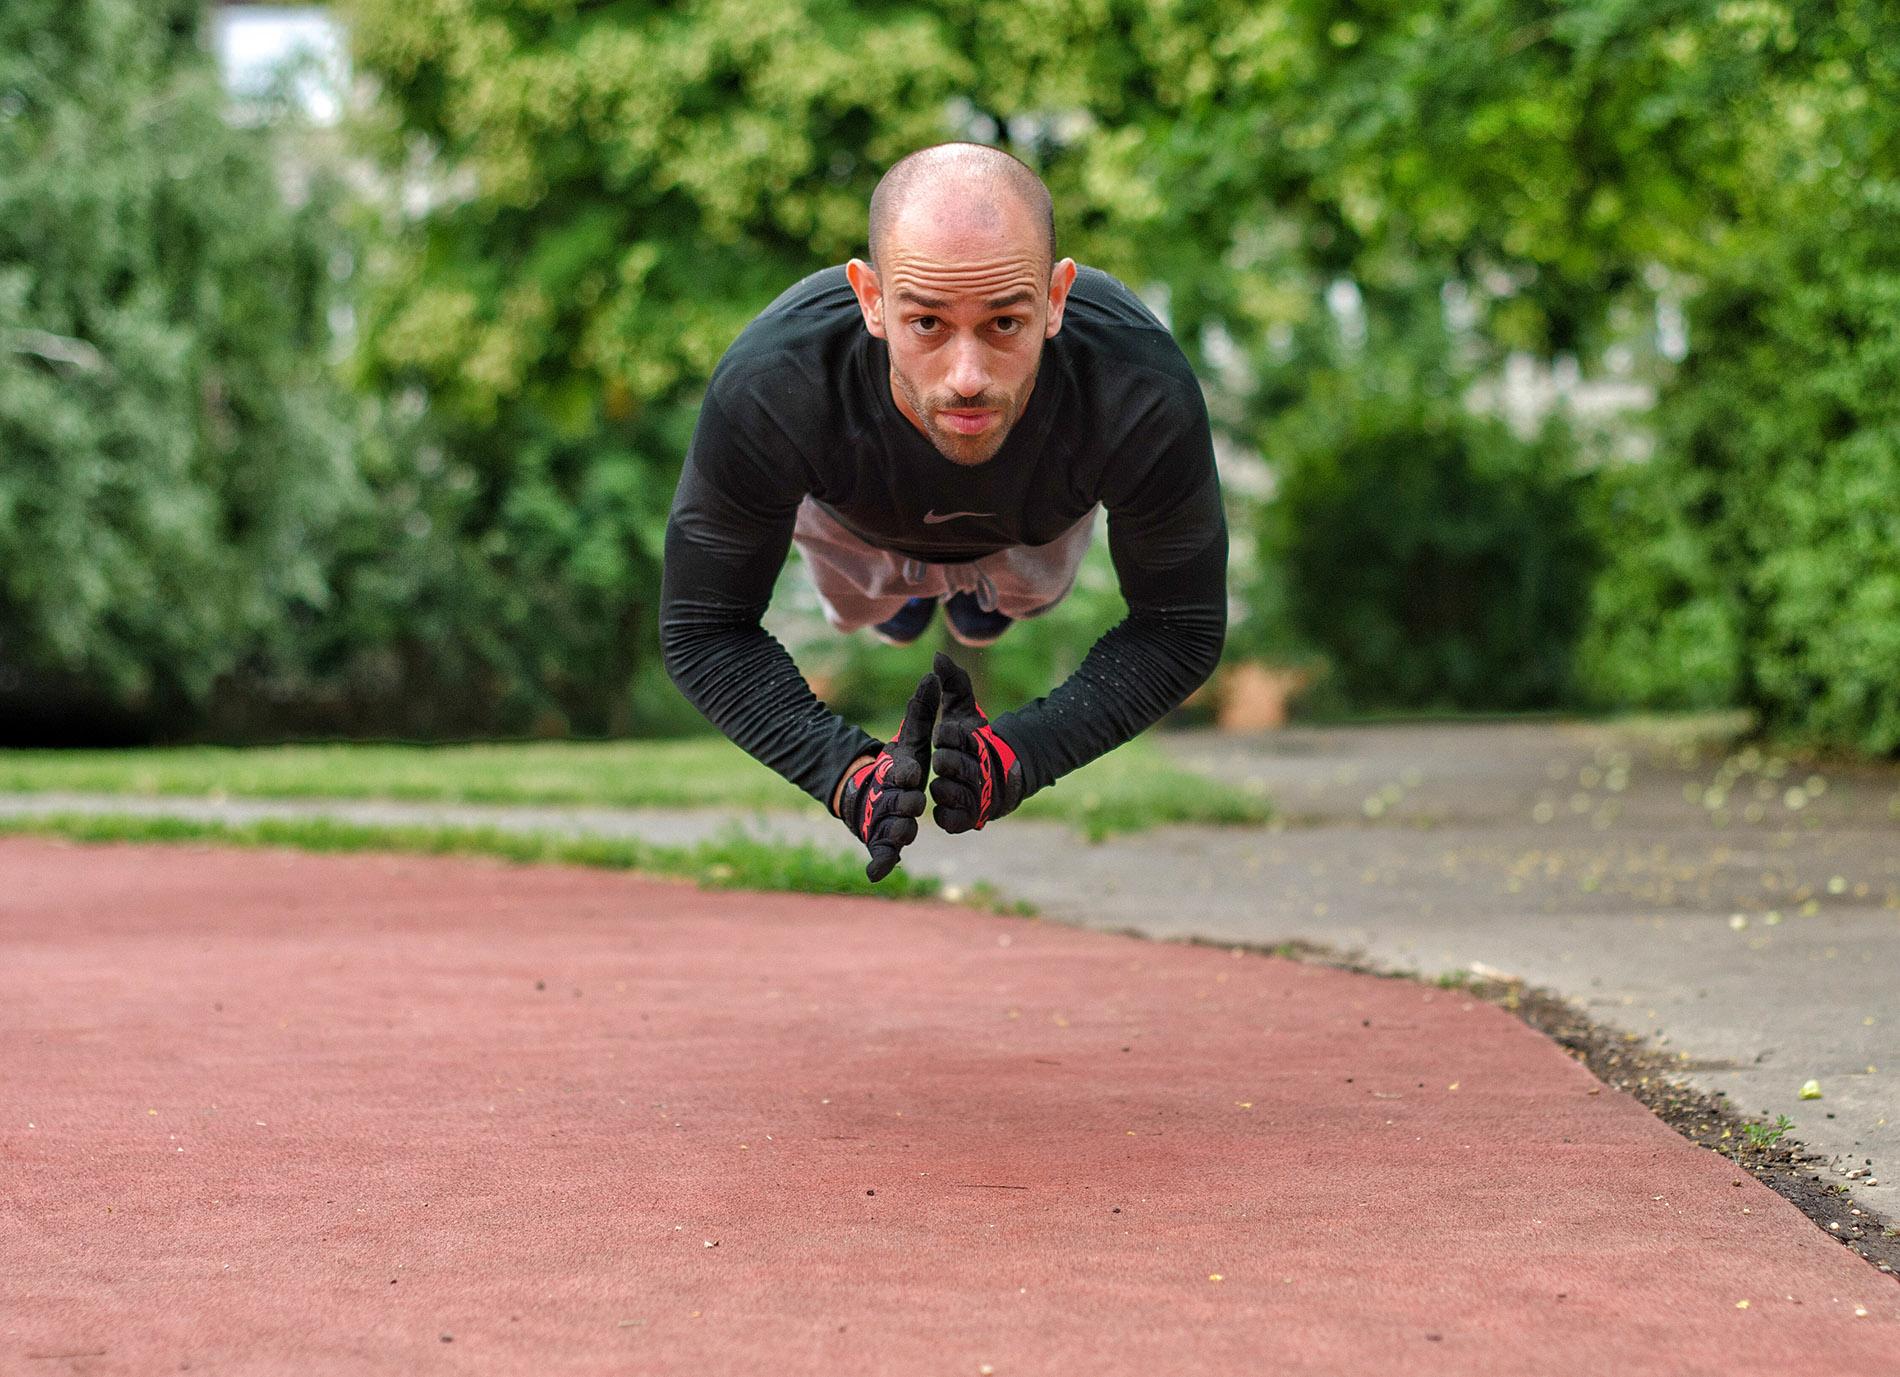 Hétfői motiváció: csökkentsd a stresszt és növeld a sportteljesítményed!